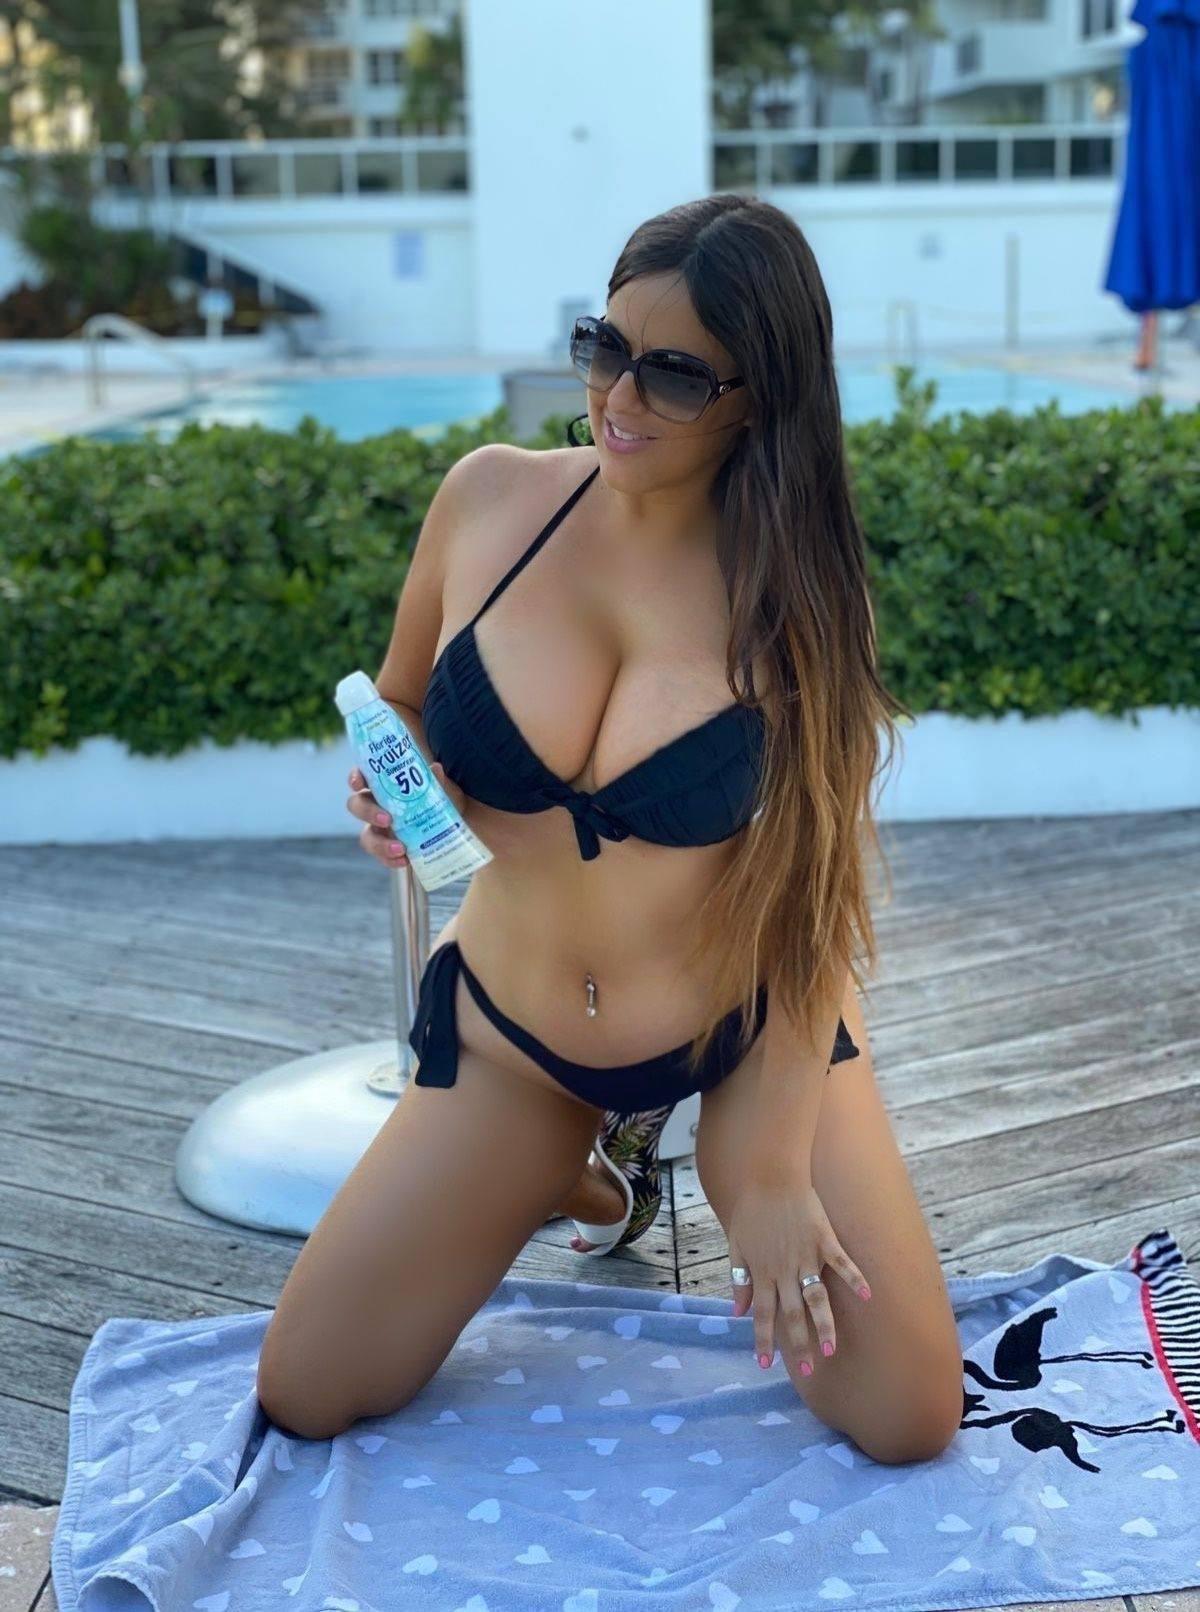 Claudia Romani – Sexy Body In Tiny Black Bikini 0005